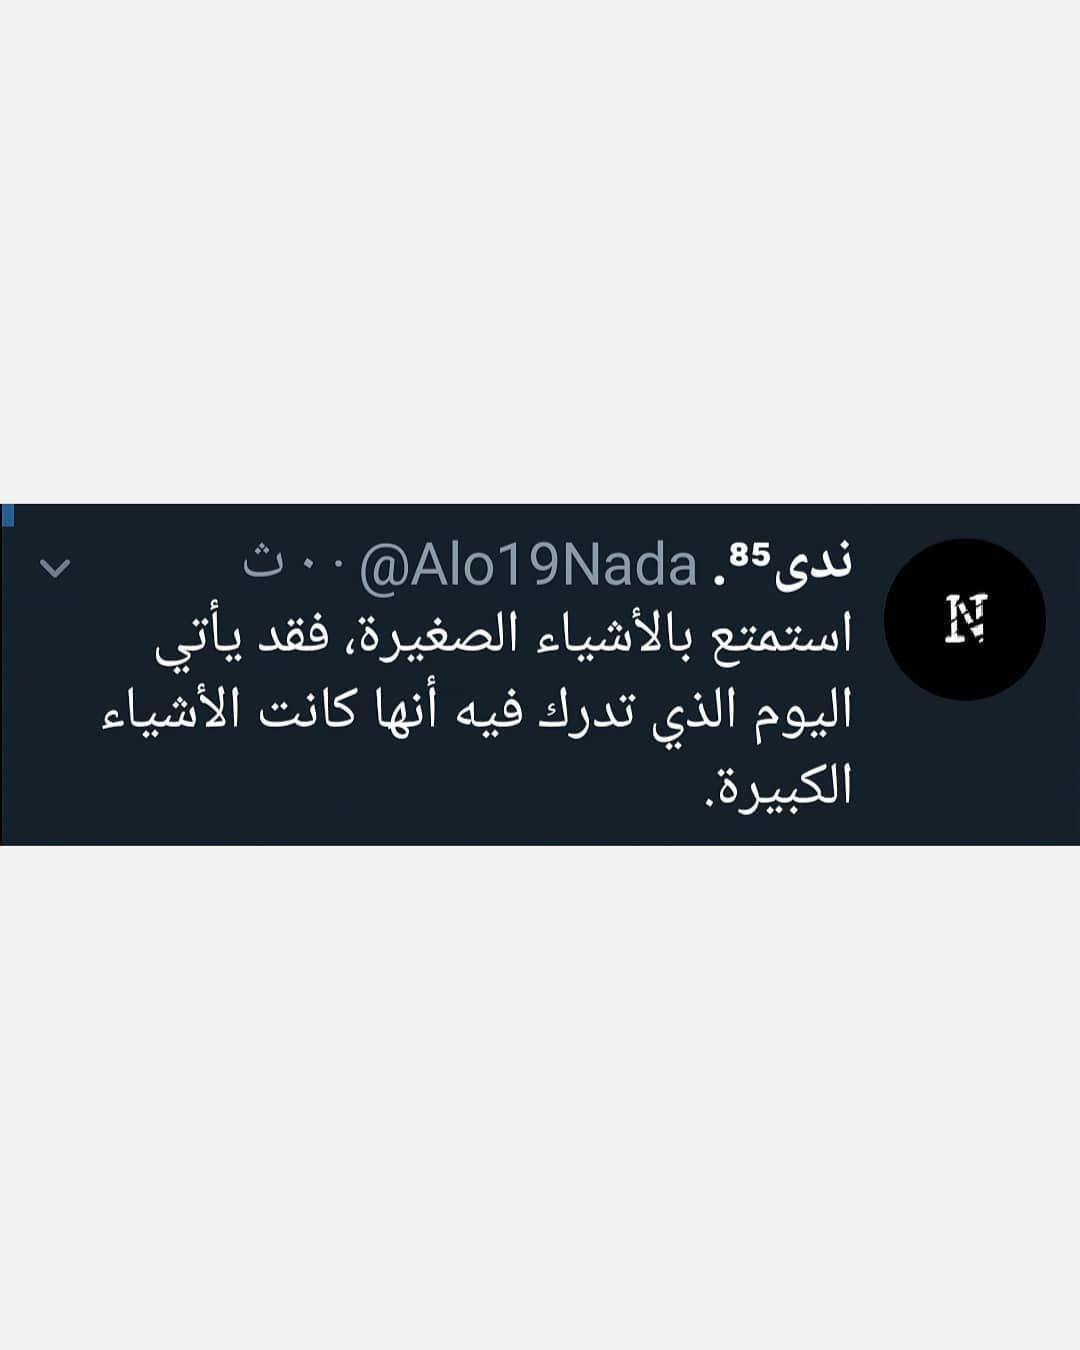 تويتر انستقرام ريتويت حكم اكسبلور صور اجر دعاء السعودية الكويت